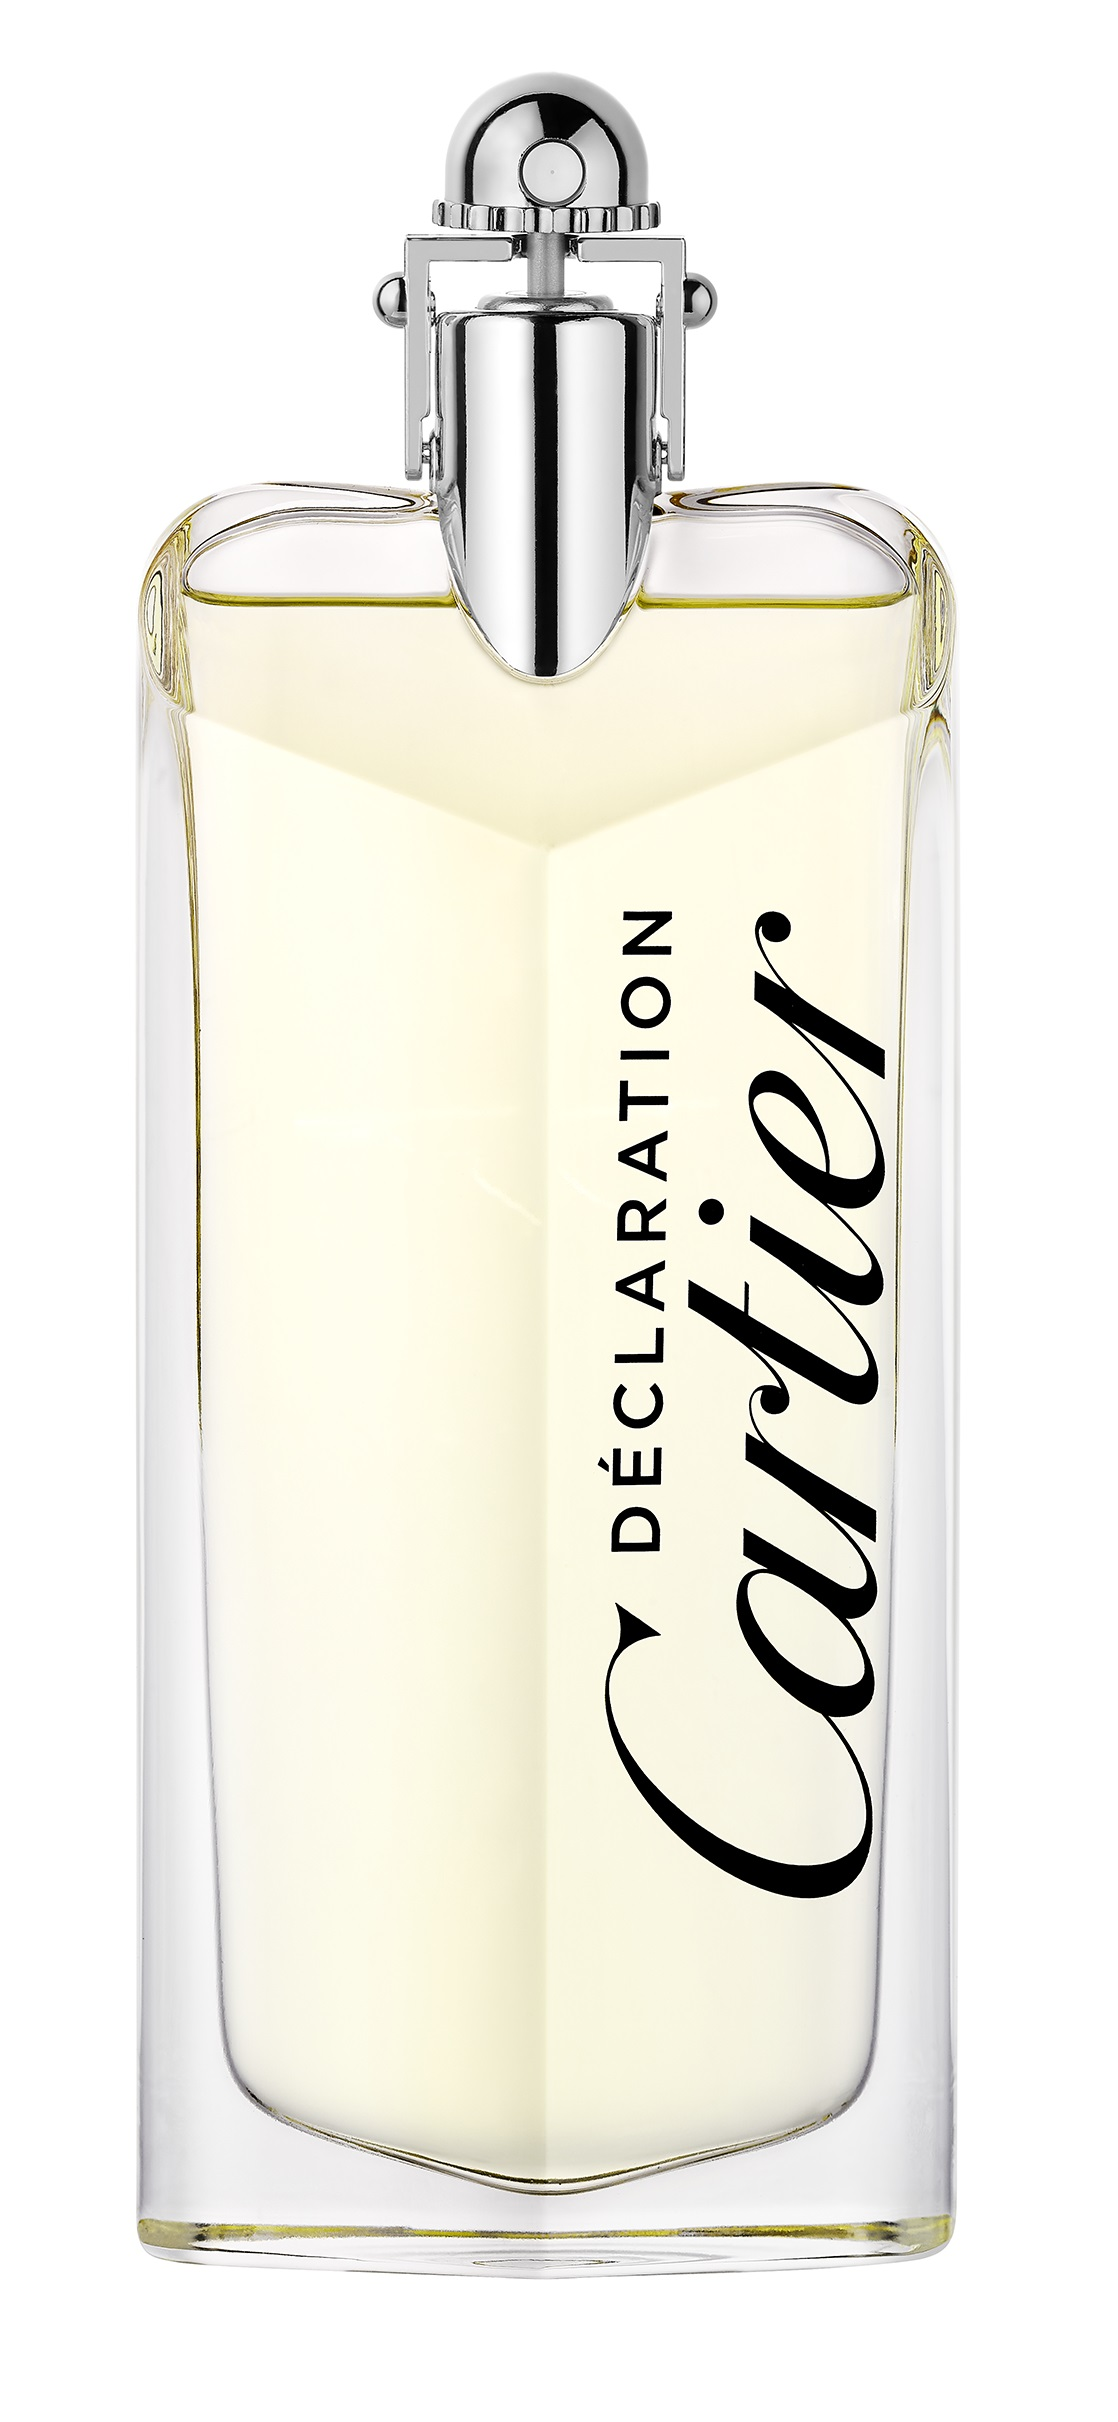 La versión de agua de tocador de la fragancia Déclaration. (Suministrada)